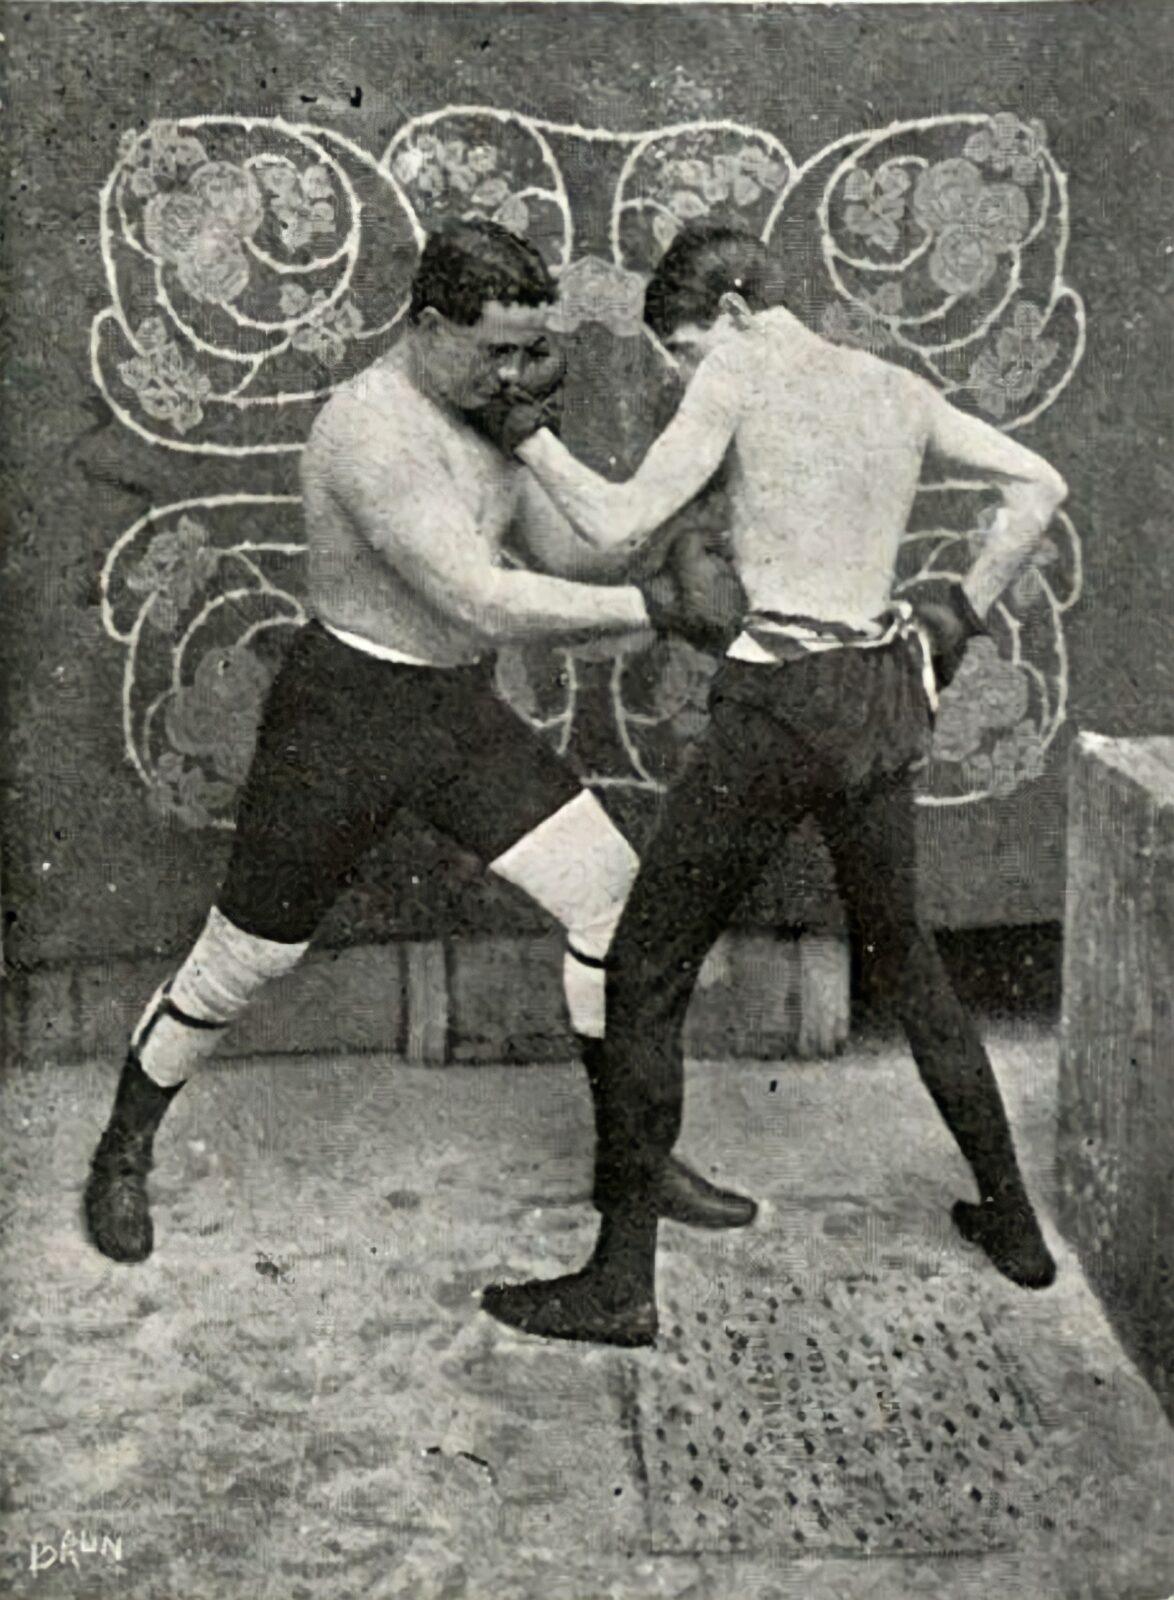 Uma charge na revista Fon Fon de 1909 ironiza o novo esporte. Acervo BN